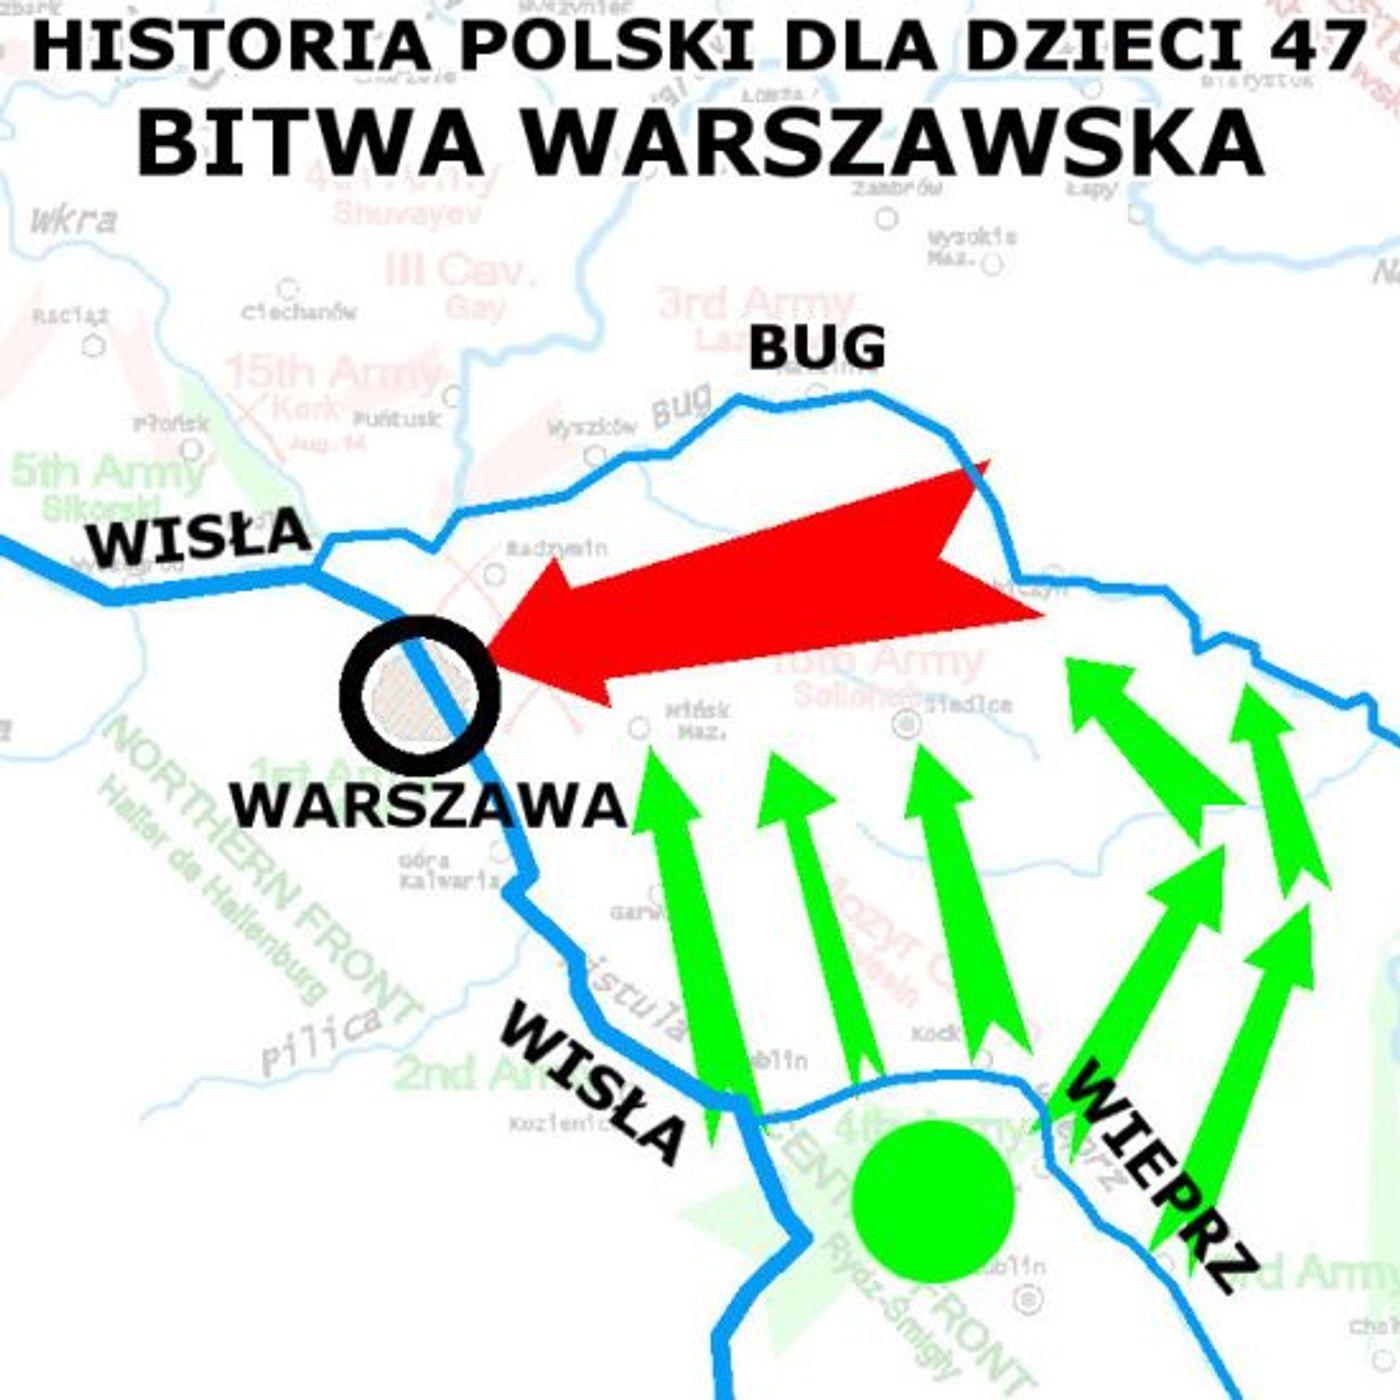 47 - Bitwa warszawska albo Cud nad Wisłą